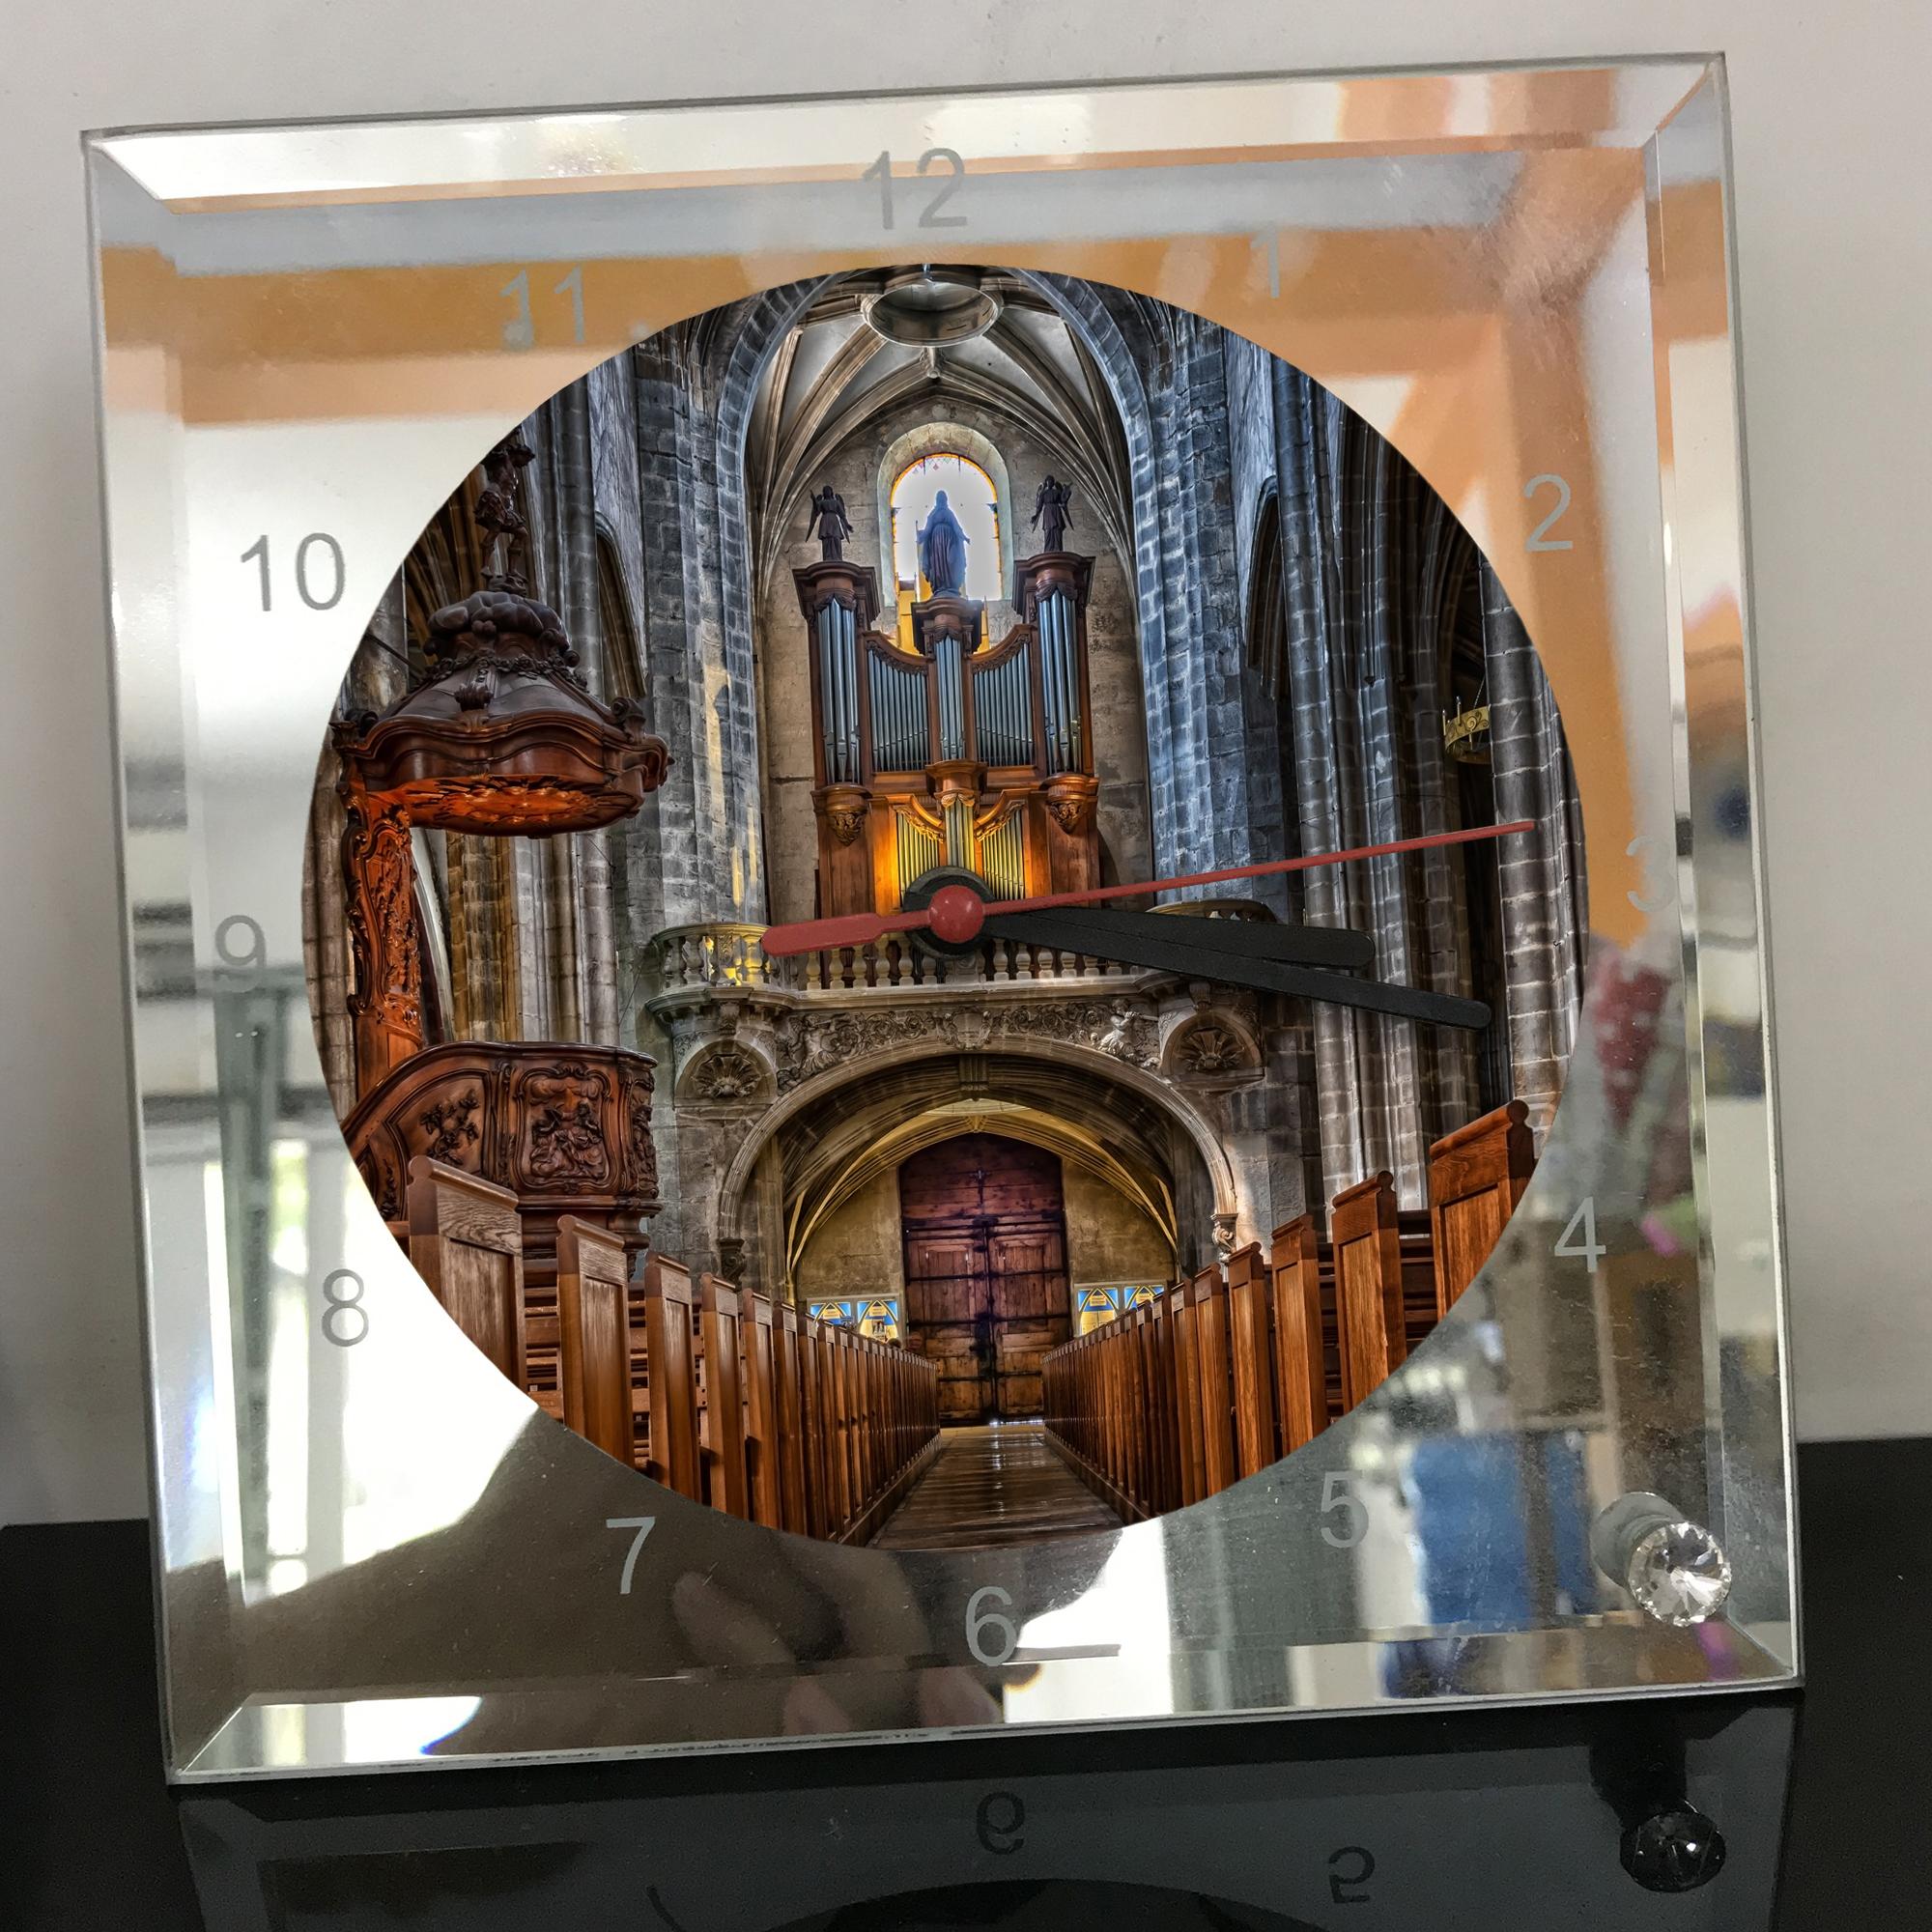 Đồng hồ thủy tinh vuông 20x20 in hình Cathedral - nhà thờ chính tòa (86) . Đồng hồ thủy tinh để bàn trang trí đẹp chủ đề tôn giáo